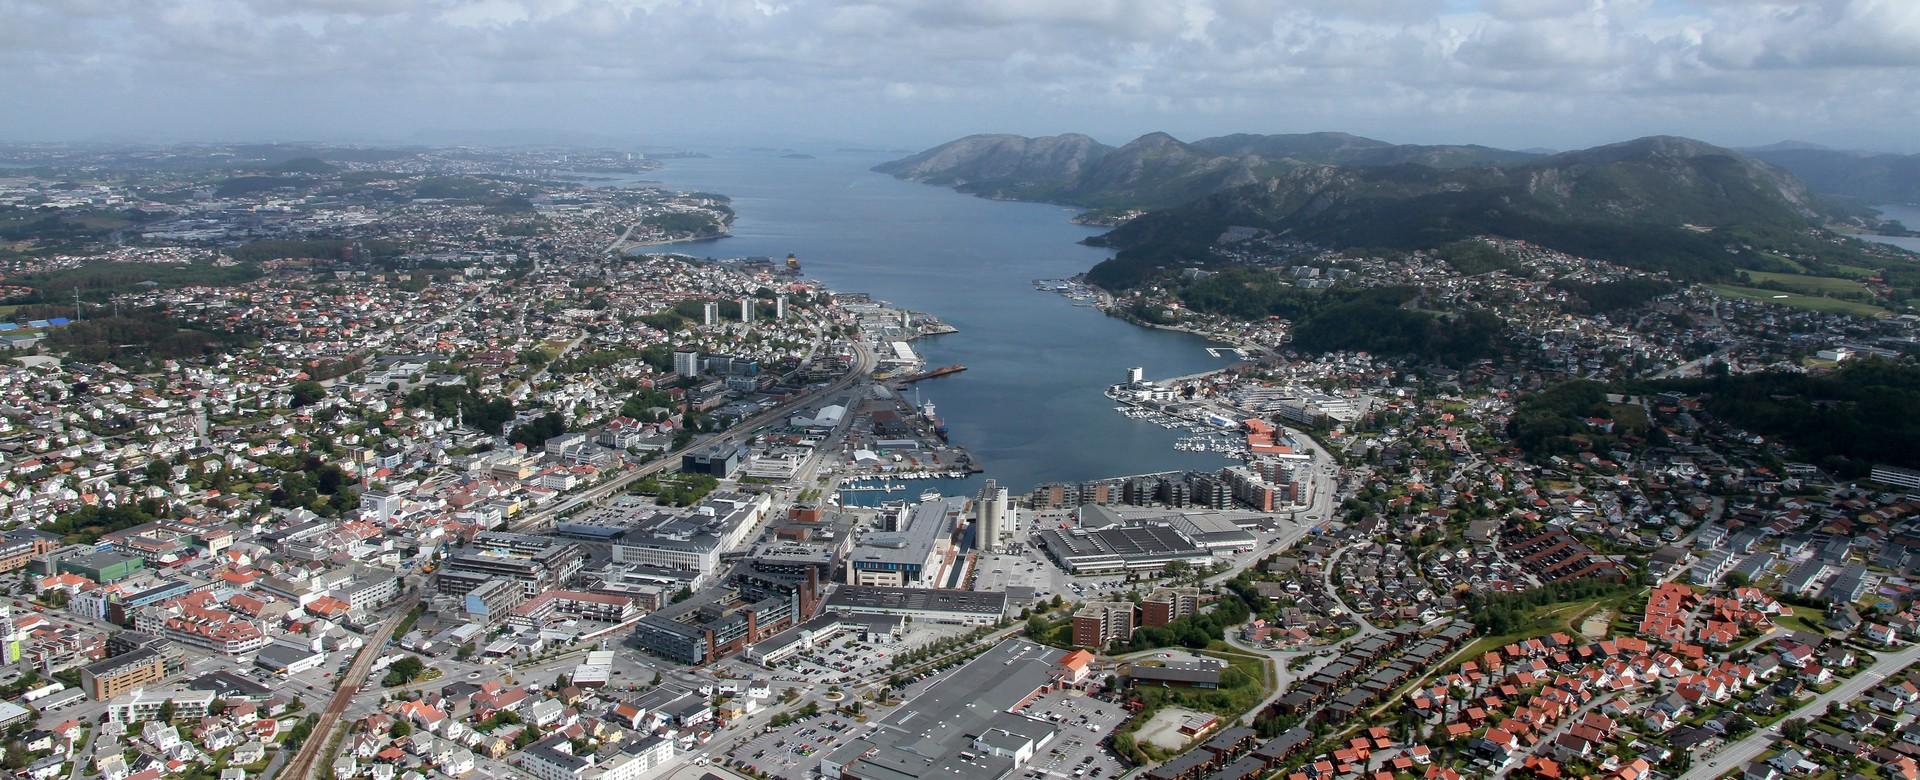 Flyfoto med Sandnes sentrum i forgrunnen og Gandsfjorden til høyre.